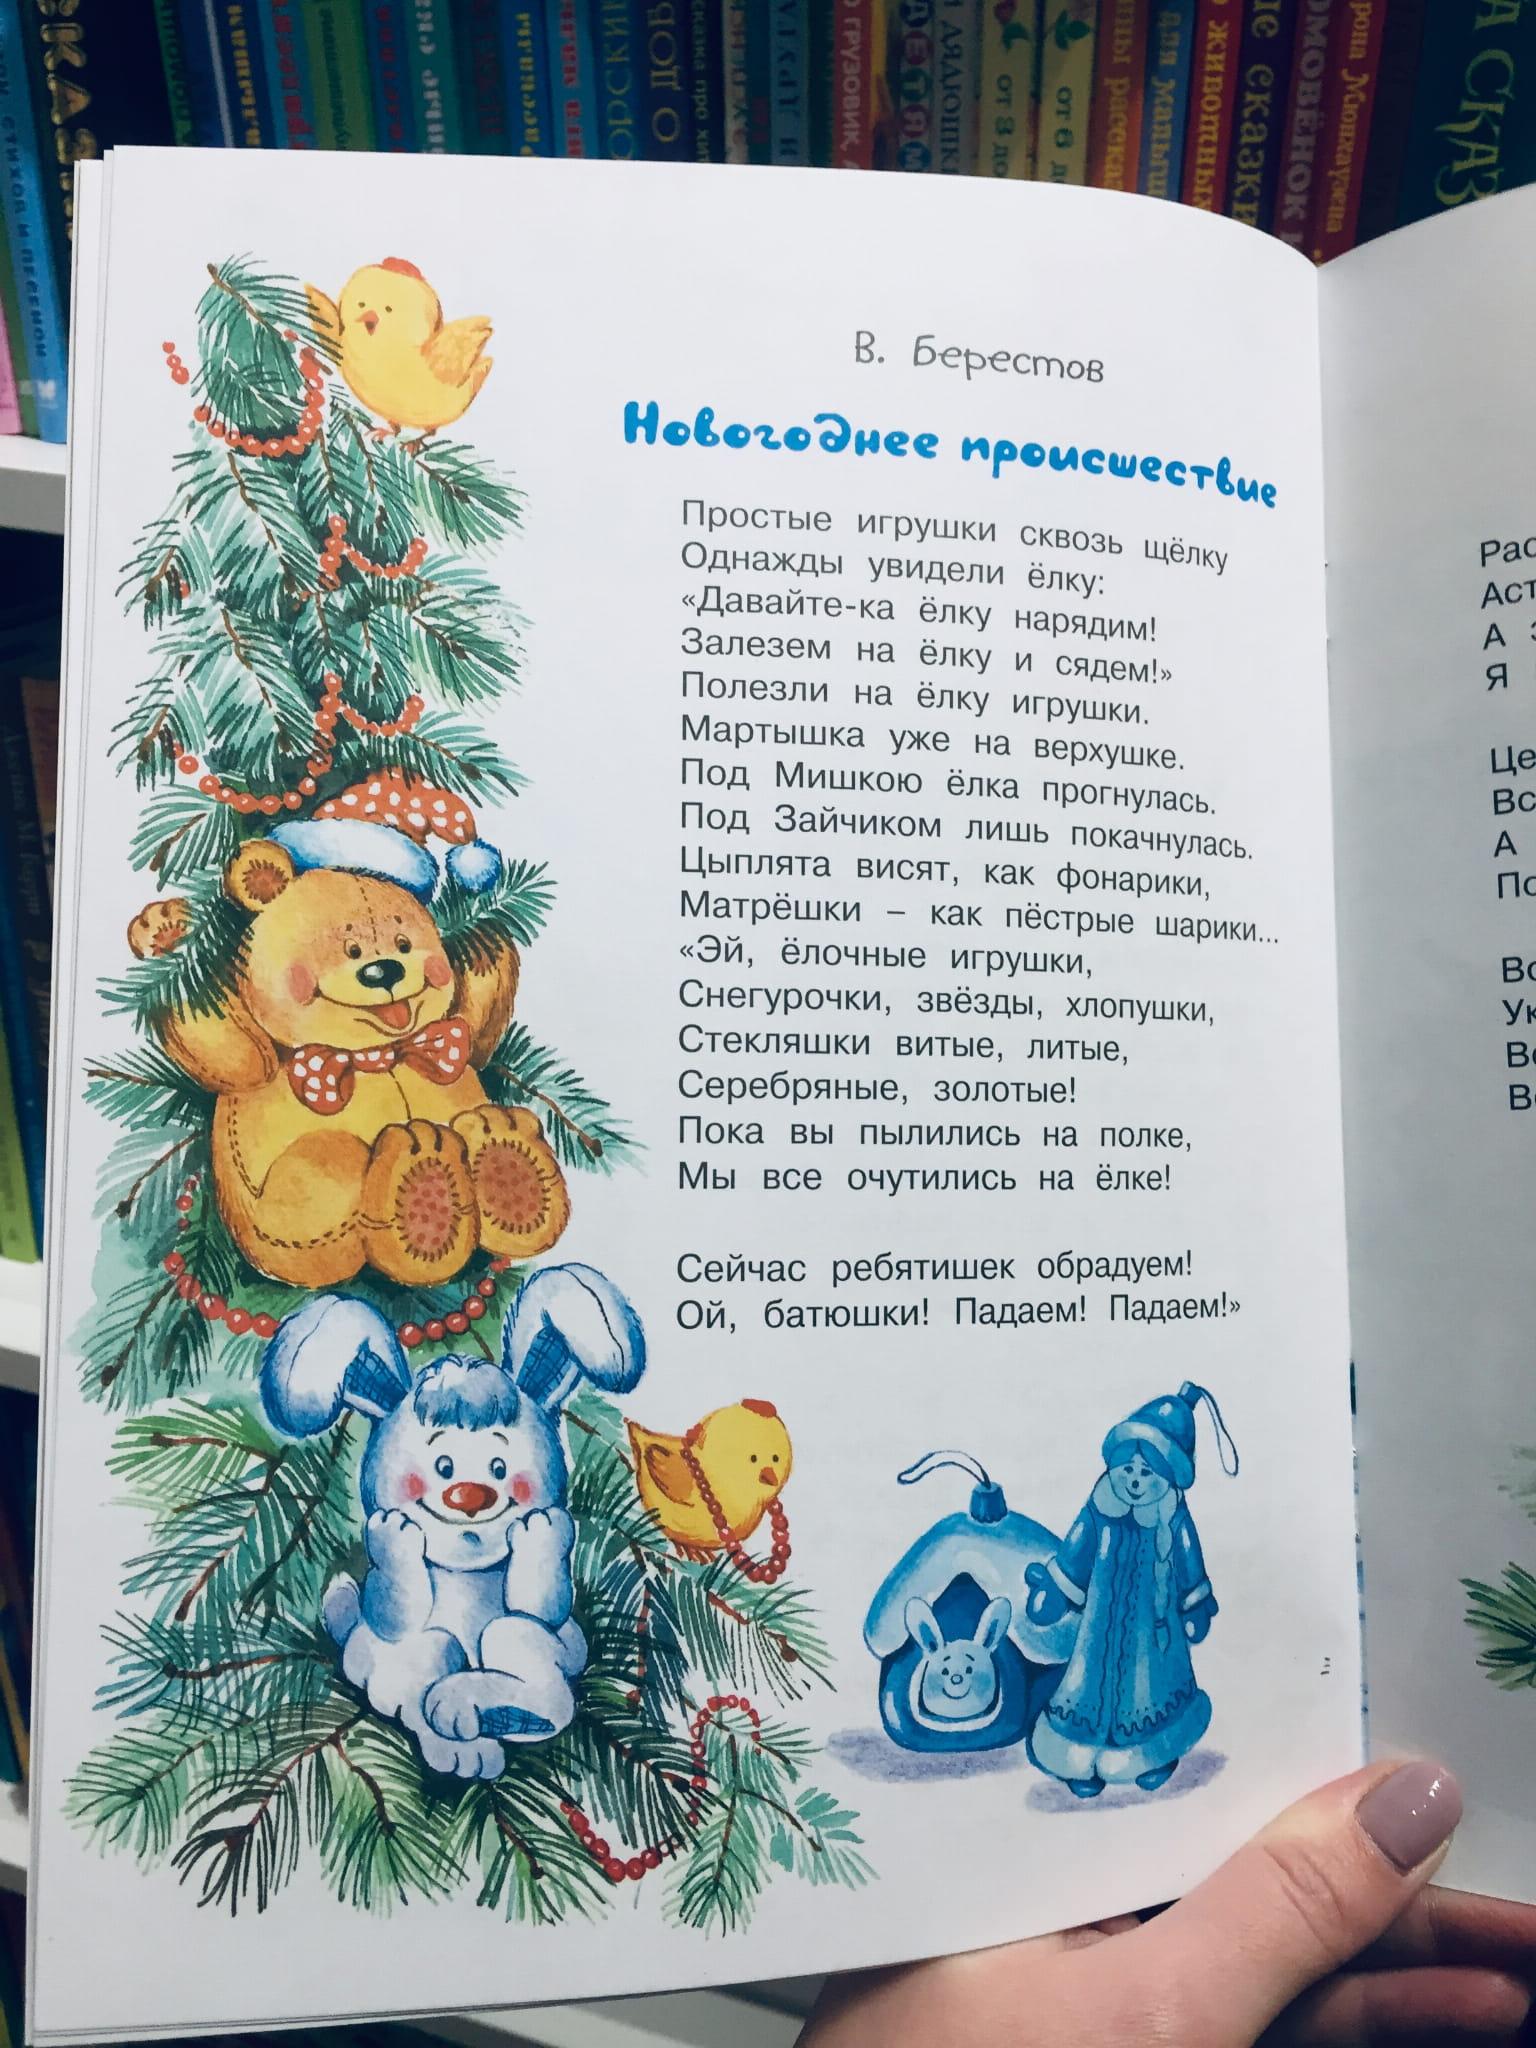 Urodziła Się W Lesie Choinka Wiersze Po Rosyjsku